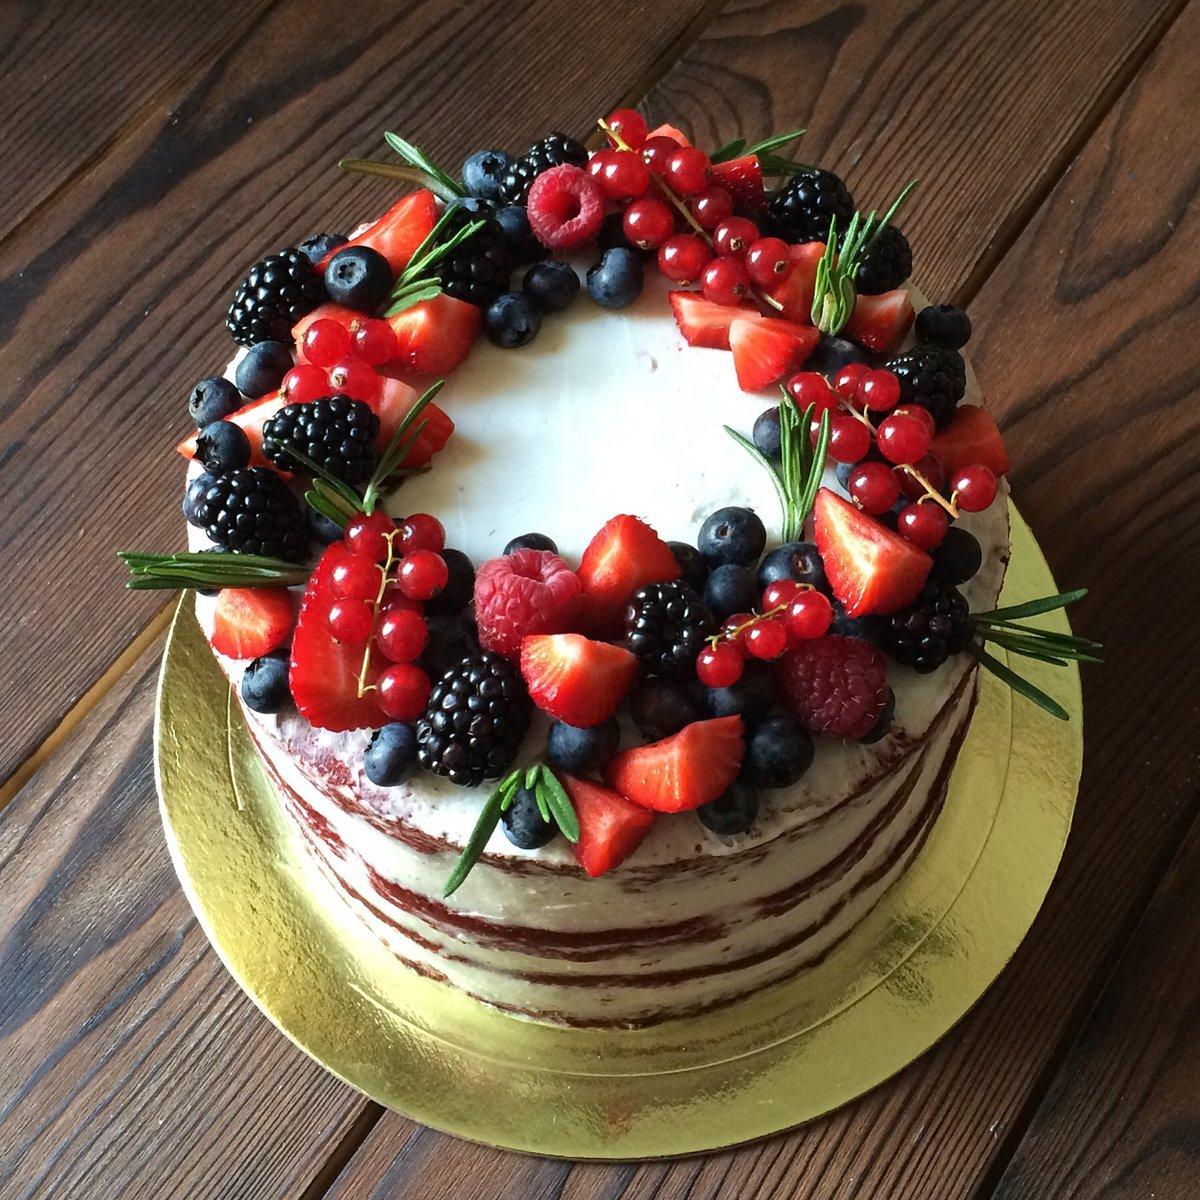 Торт с ягодами - 155 рецептов приготовления пошагово - 1000 66